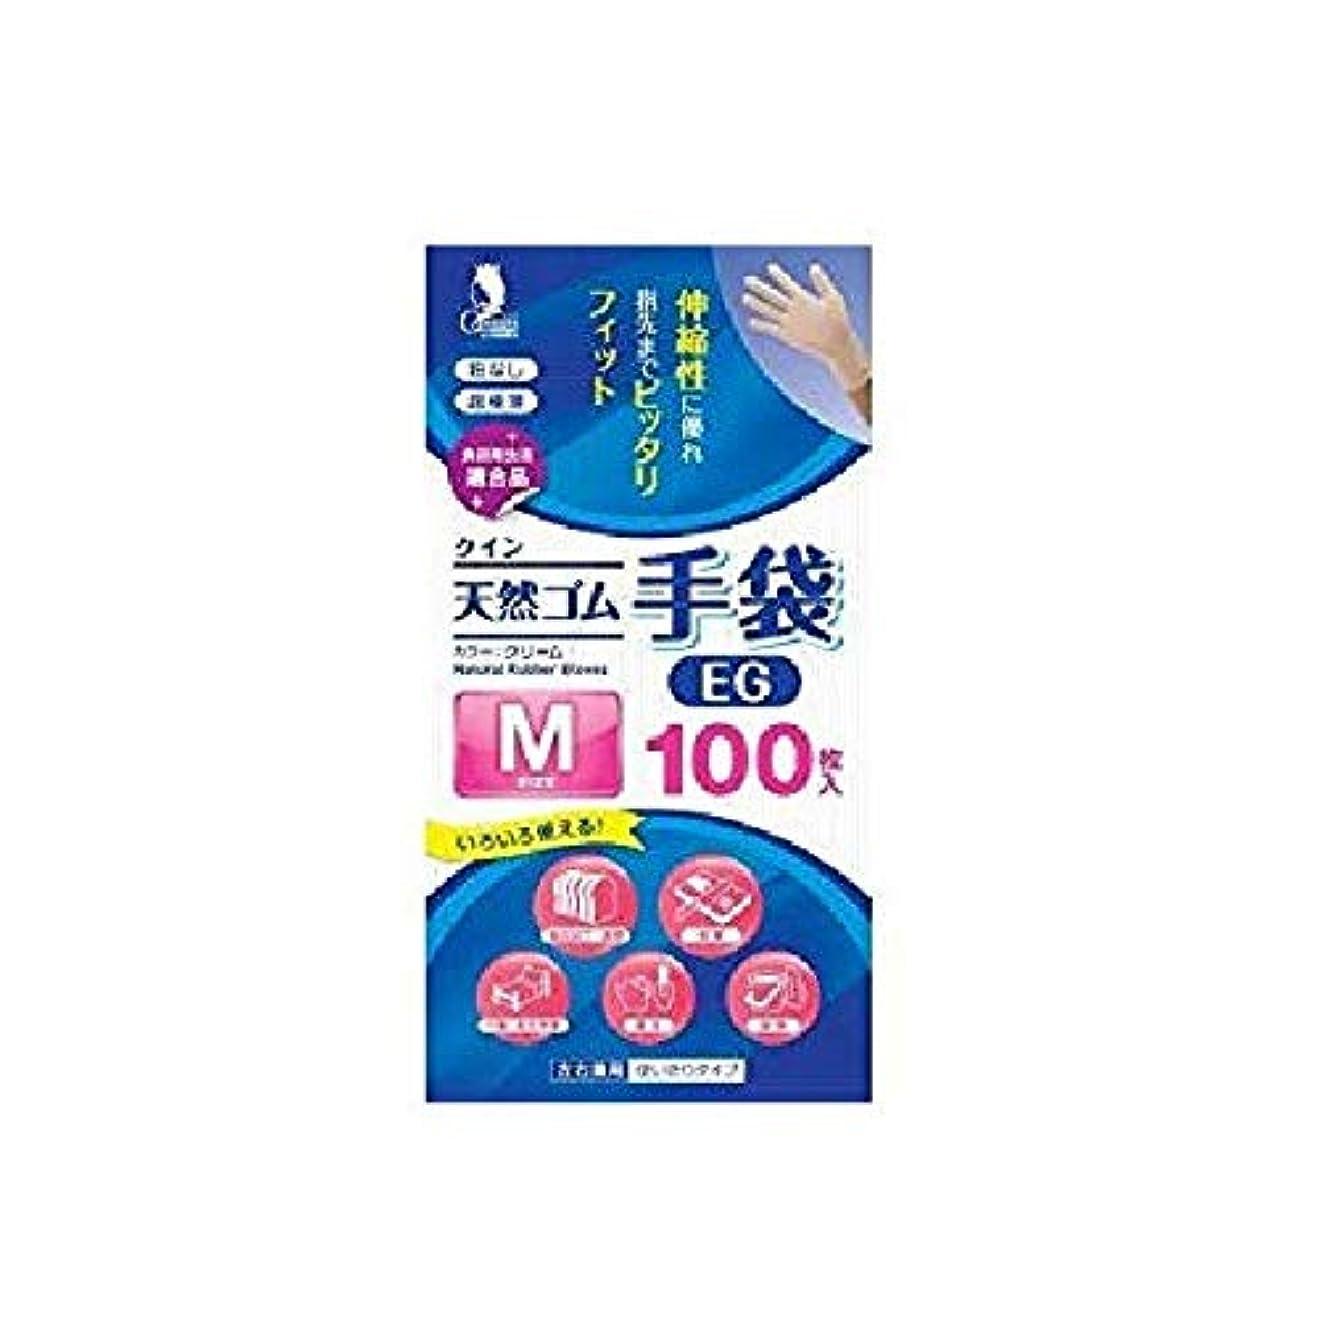 間違い分布自発宇都宮製作 クイン 天然ゴム手袋 EG 粉なし 100枚入 Mサイズ